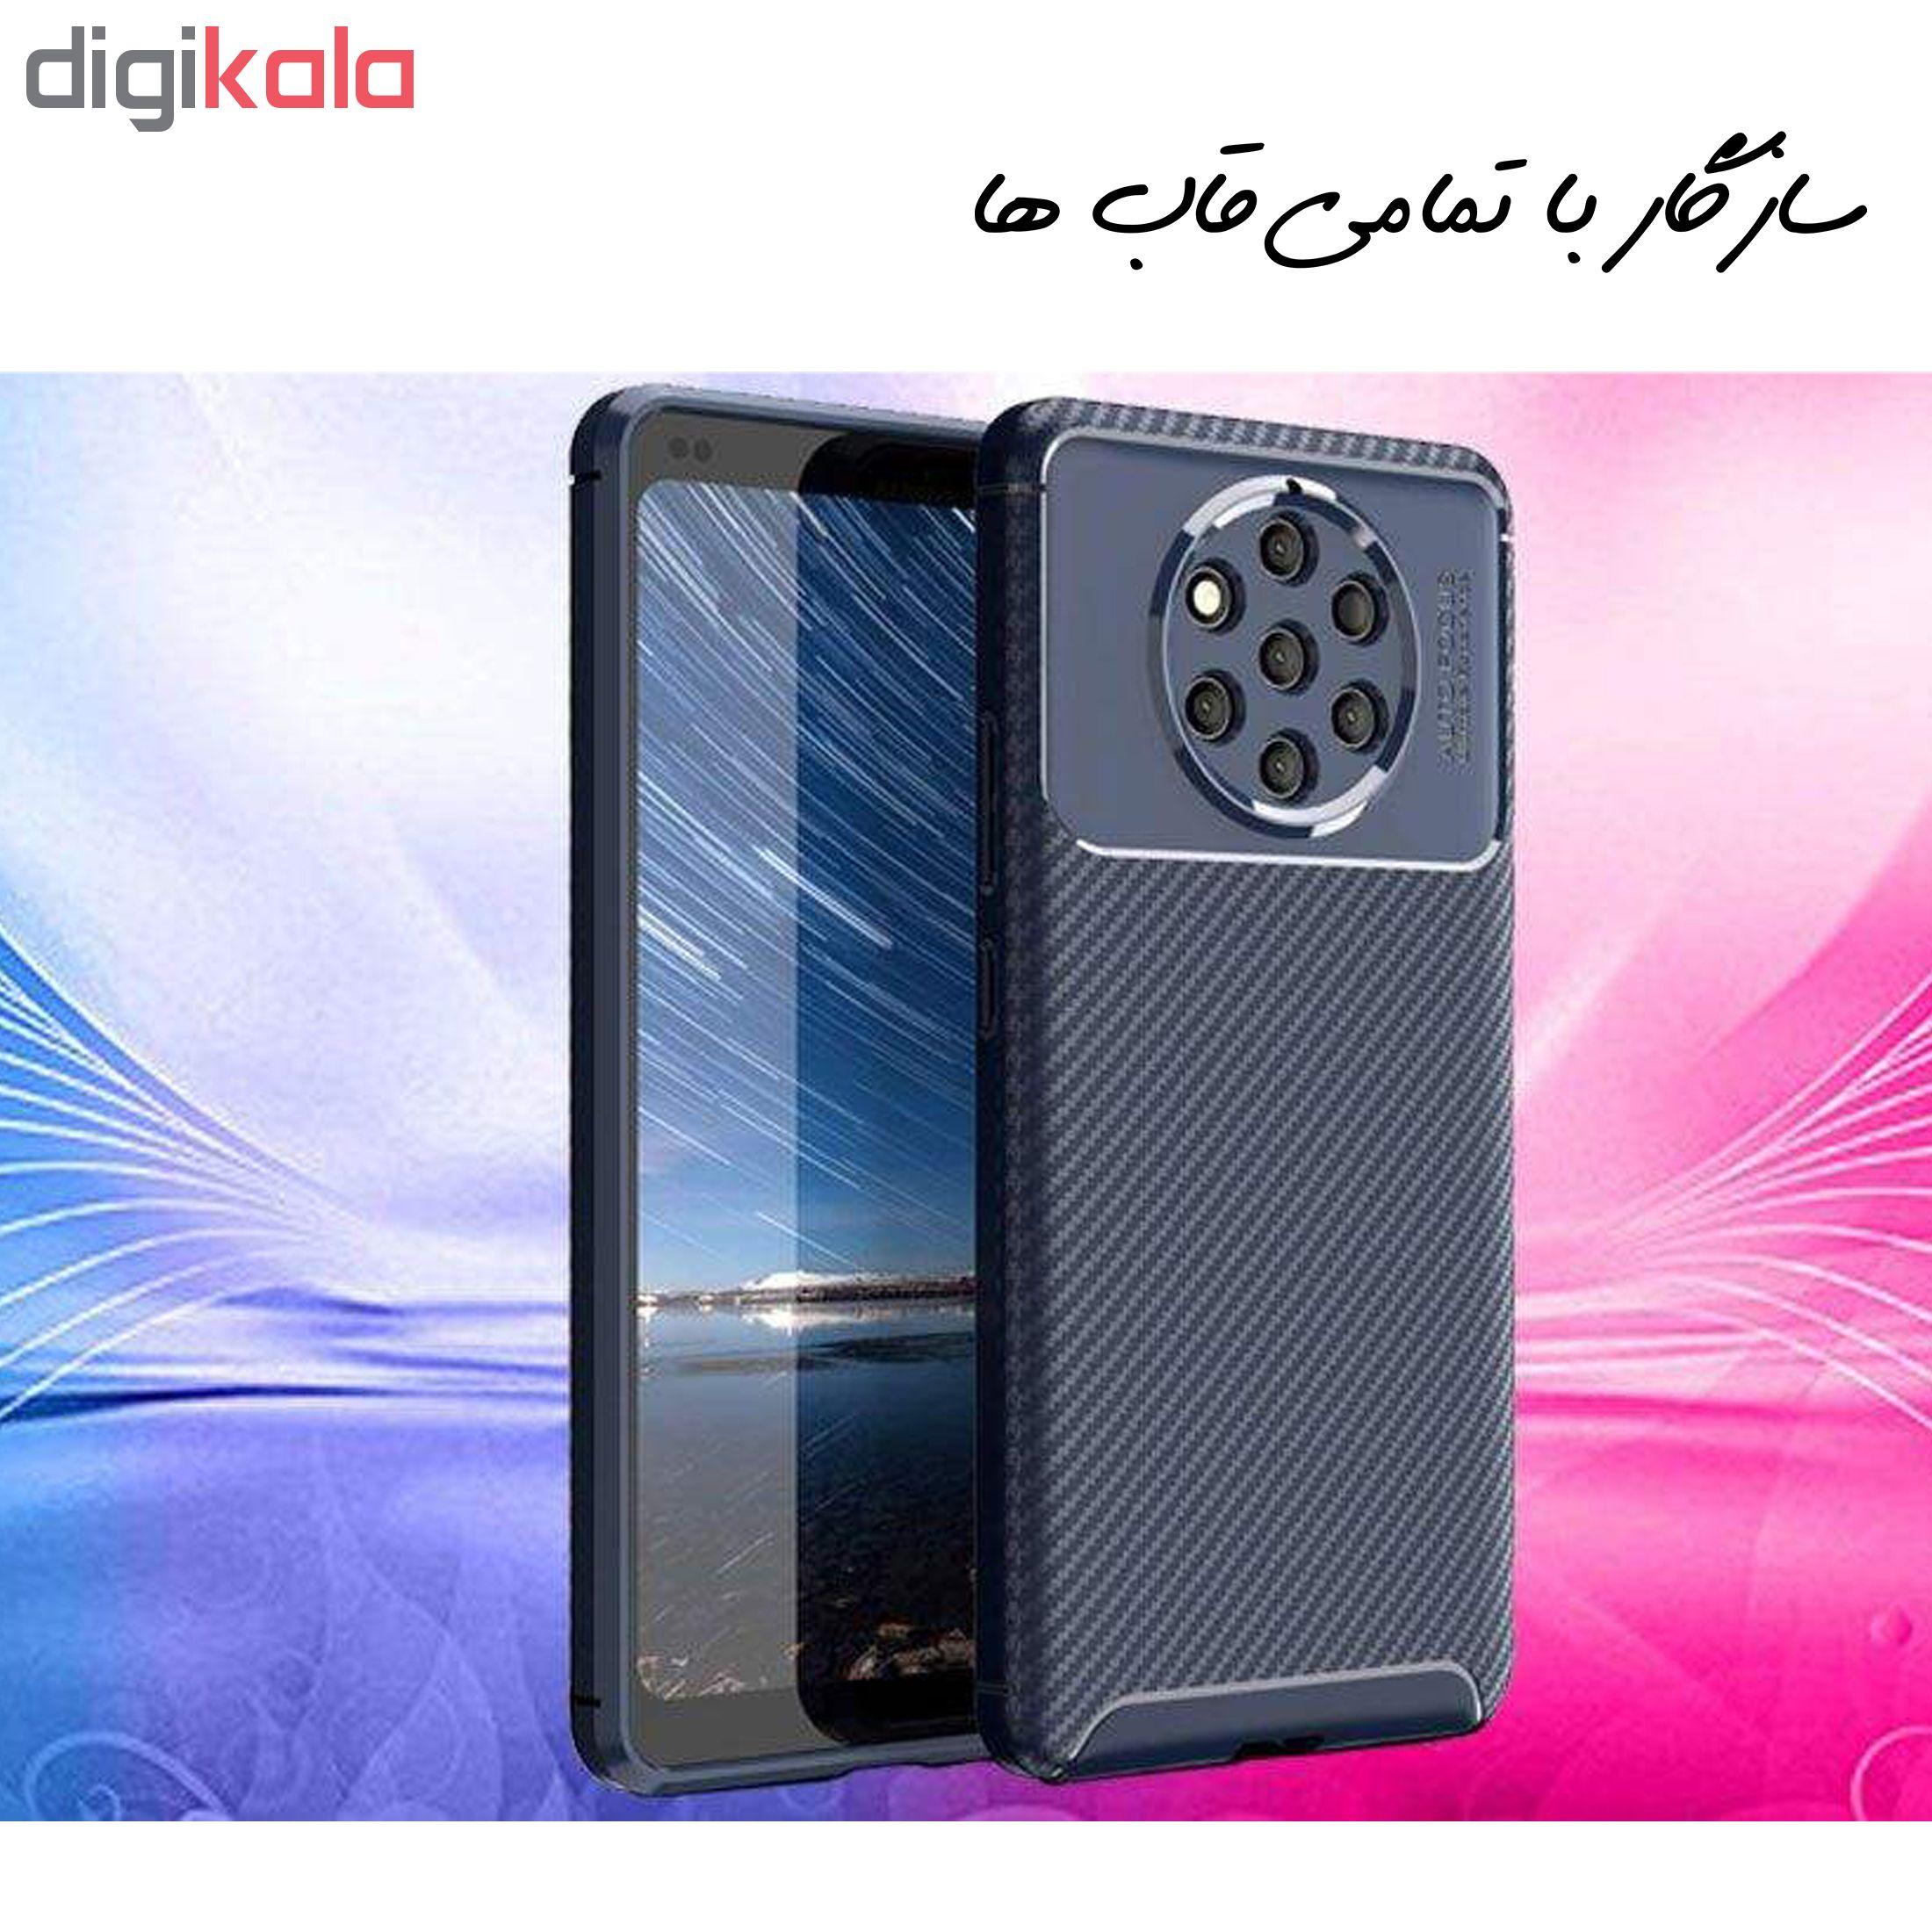 محافظ صفحه نمایش مات Hard and thick مدل F-01 مناسب برای گوشی موبایل سامسونگ Galaxy A50 main 1 7